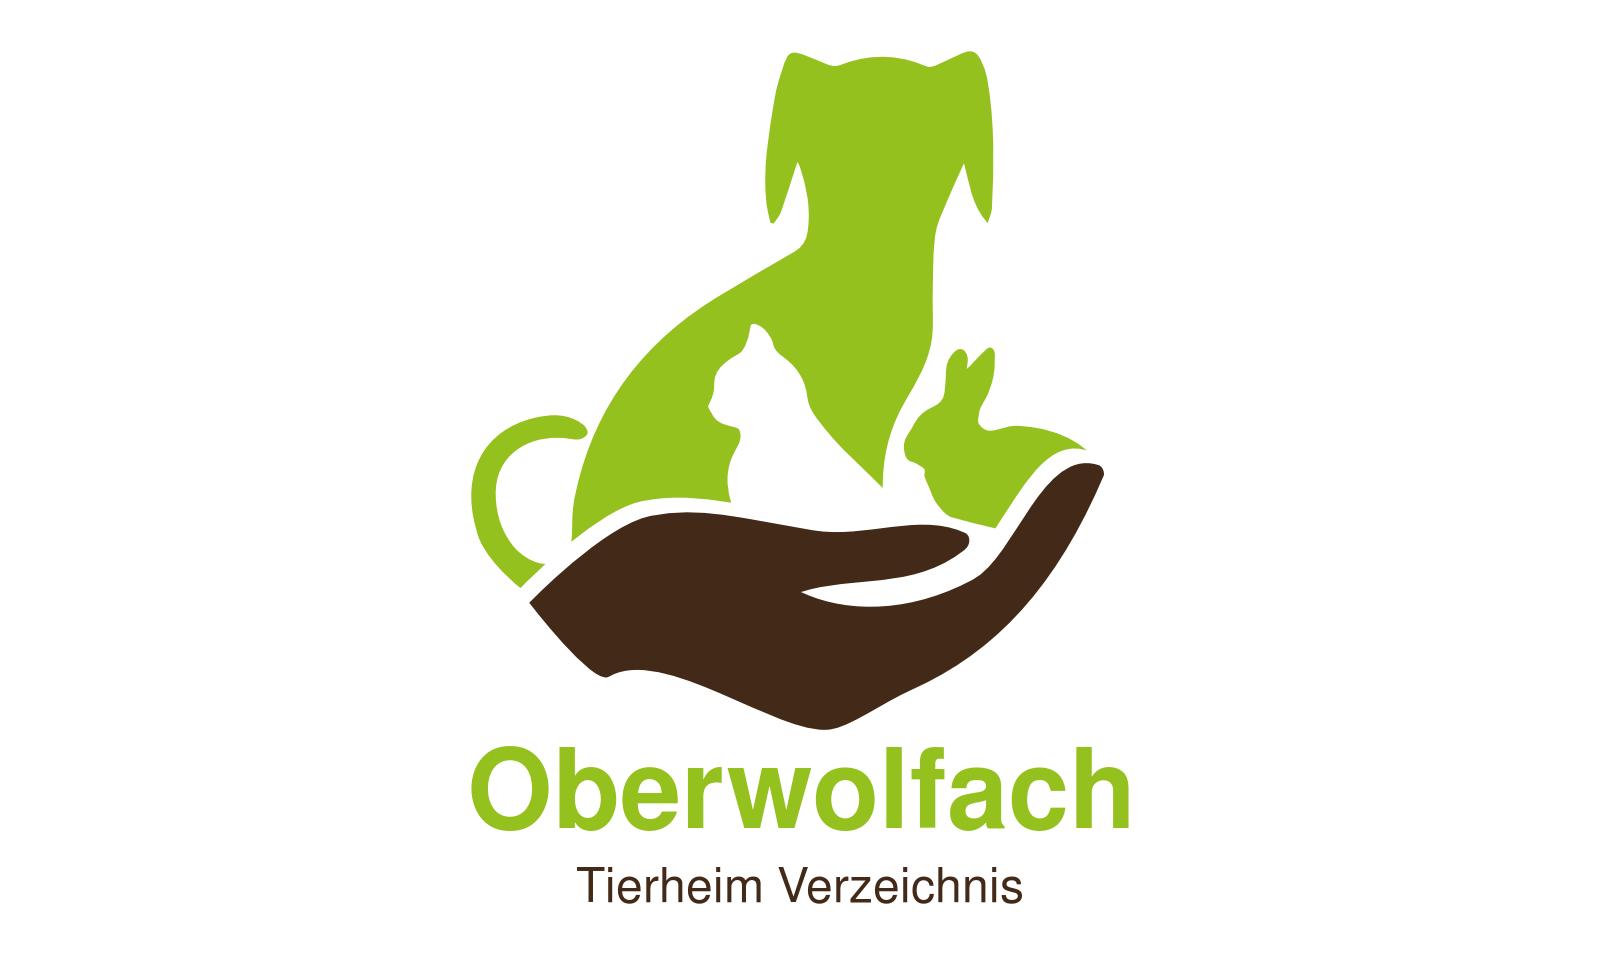 Tierheim Oberwolfach